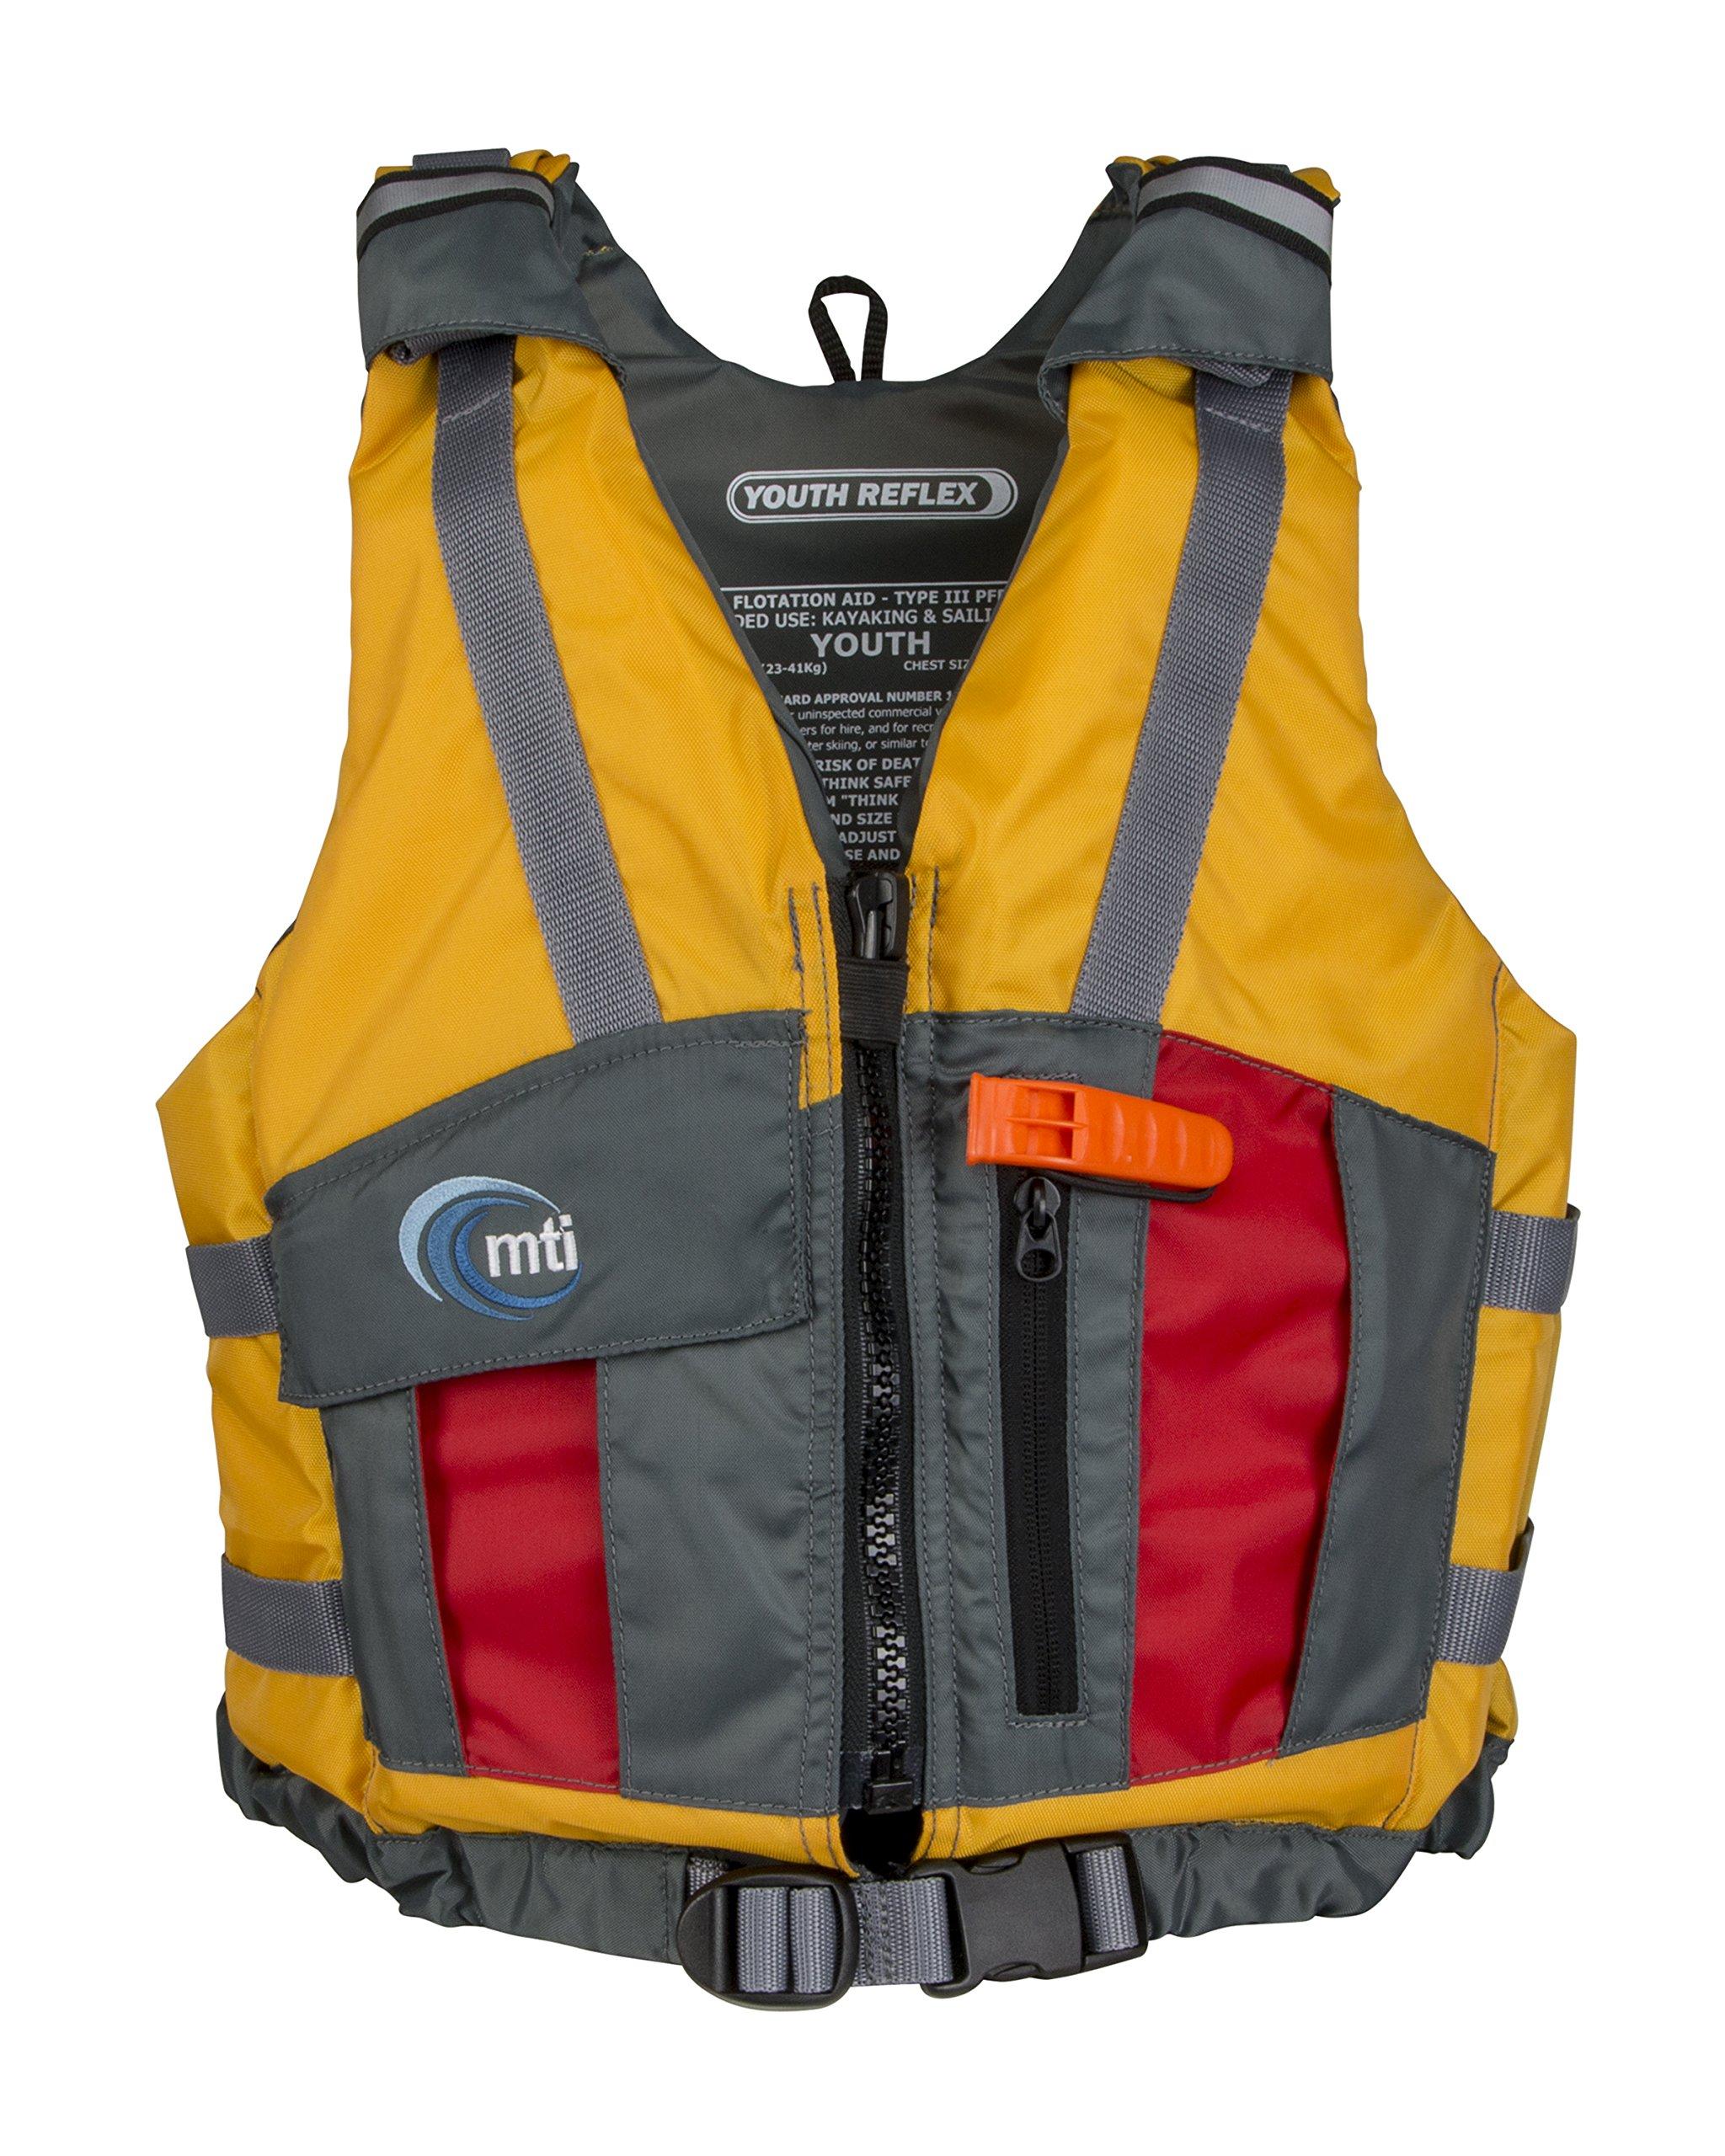 MTI Youth Reflex Life Jacket - Mango/Red - Youth (50-90 lb) by MTI Life Jacket